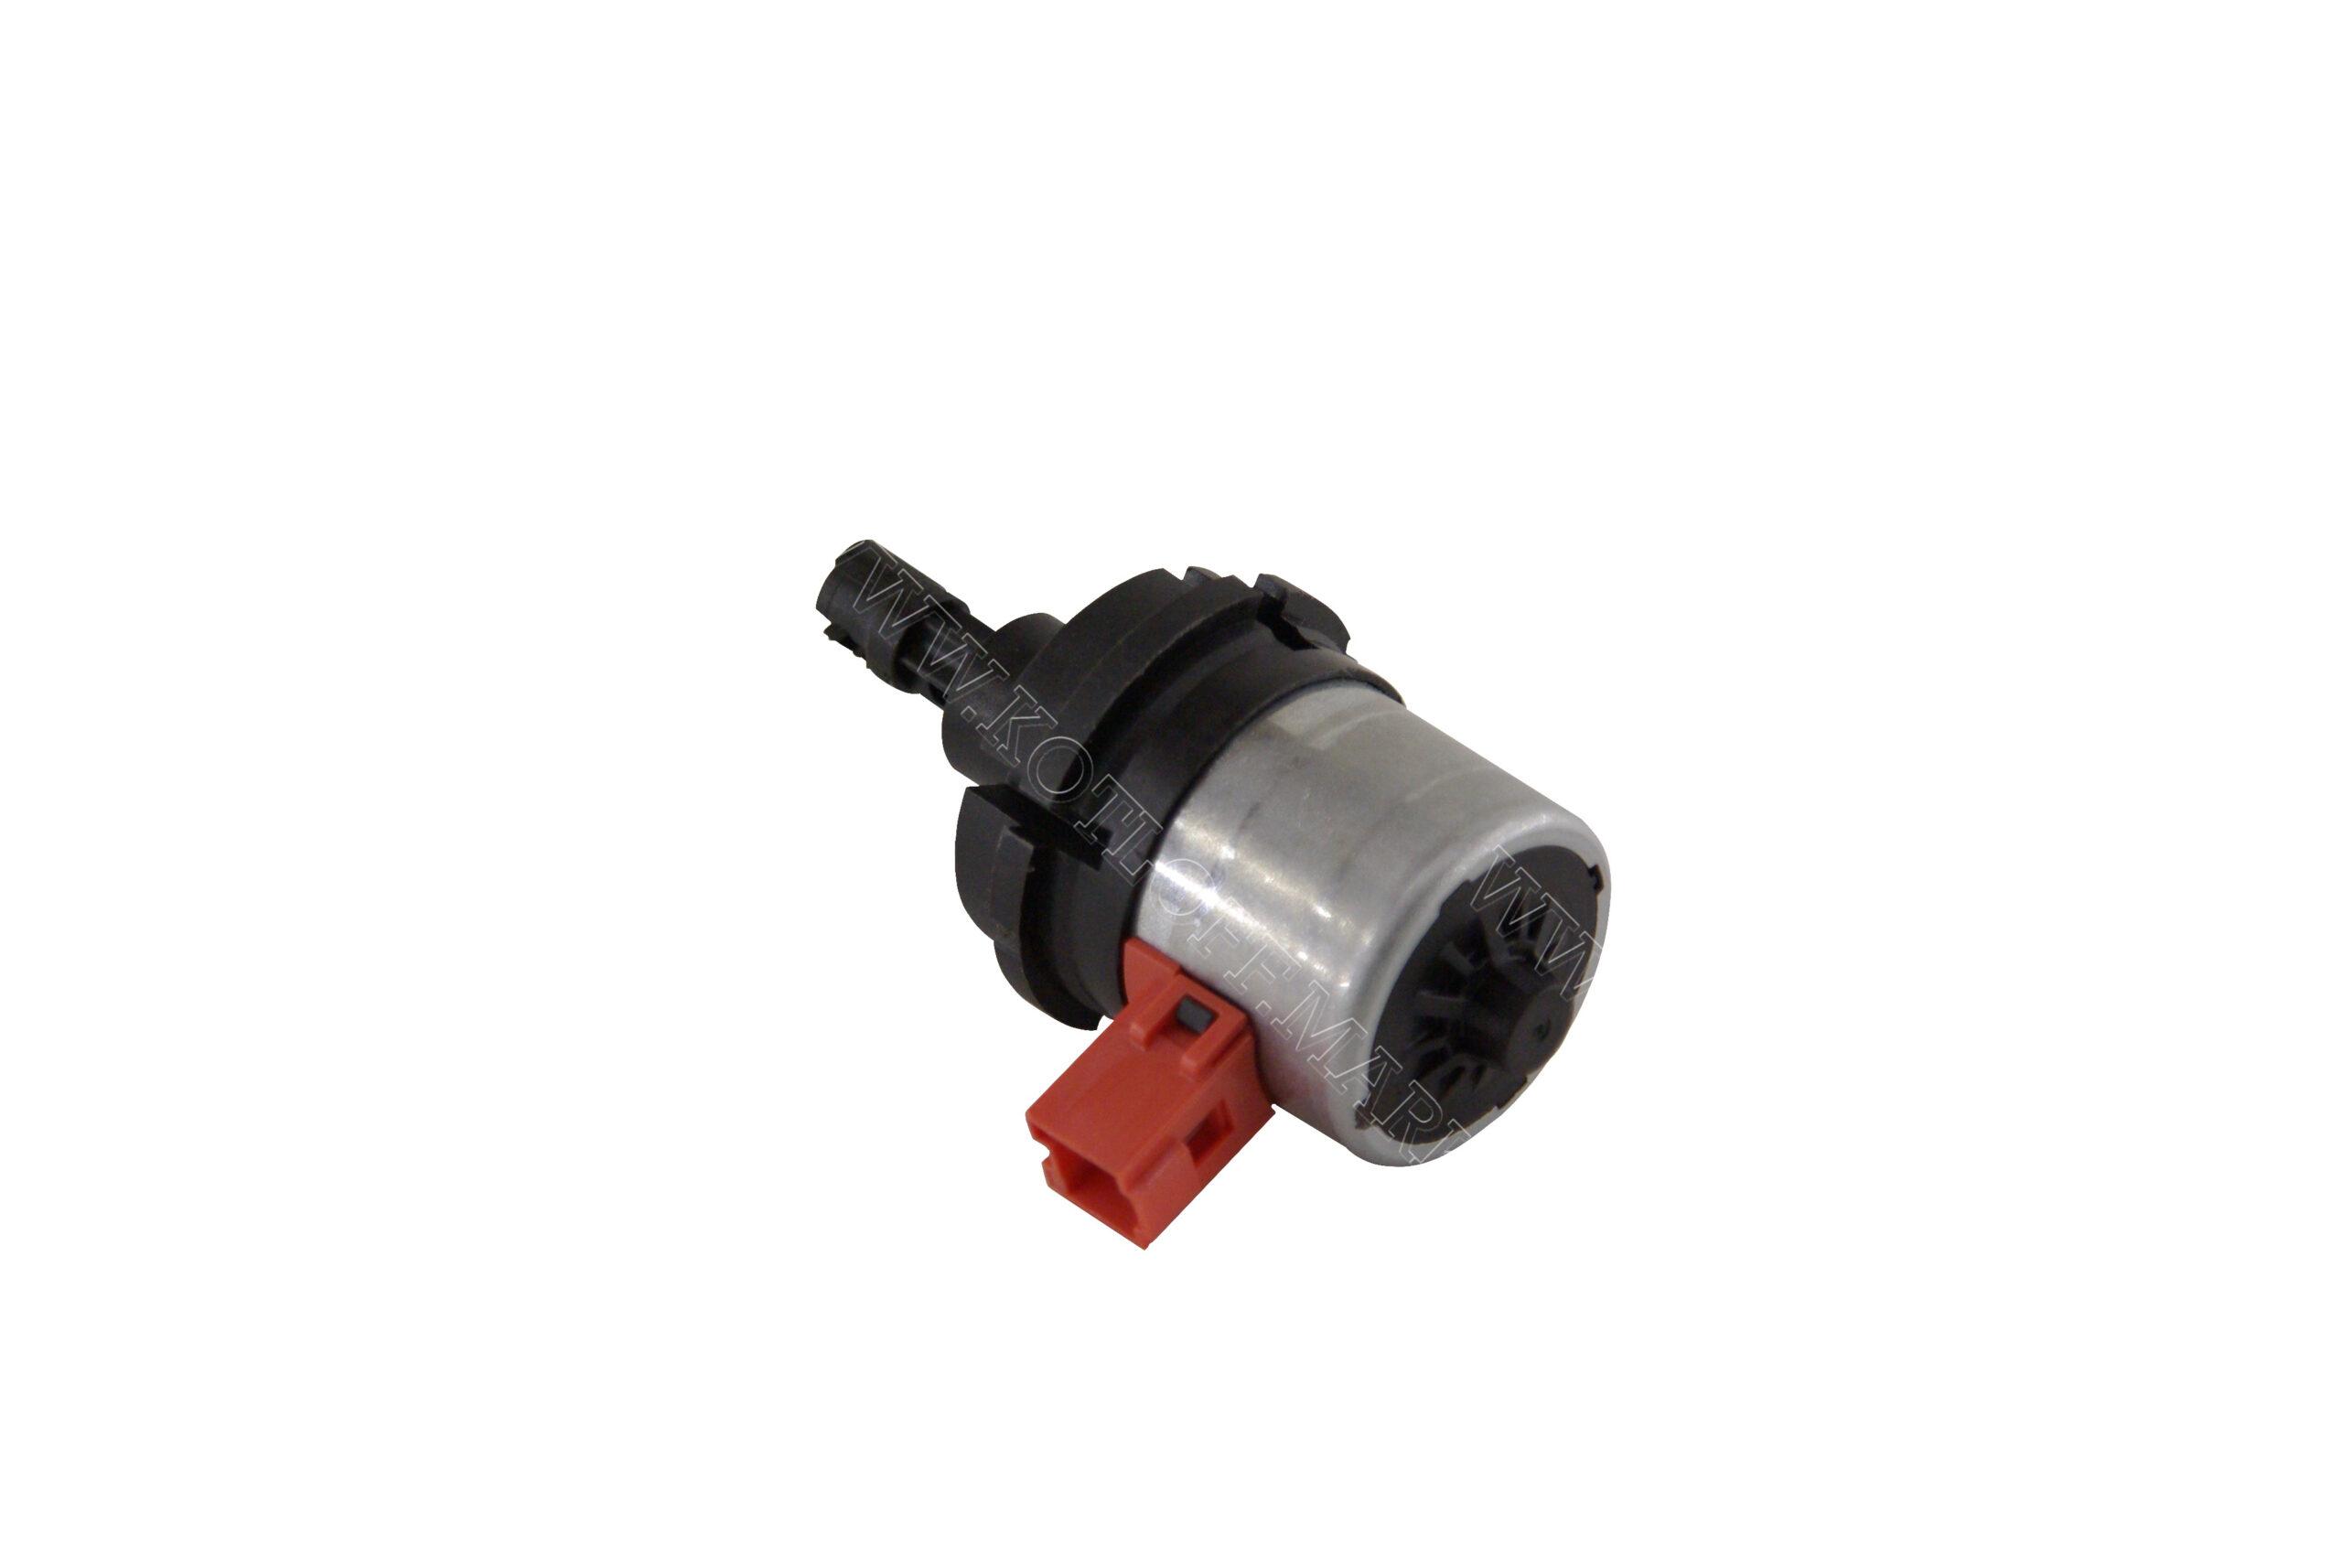 Привод трехходового клапана на газовый котел Ariston арт. 65114936